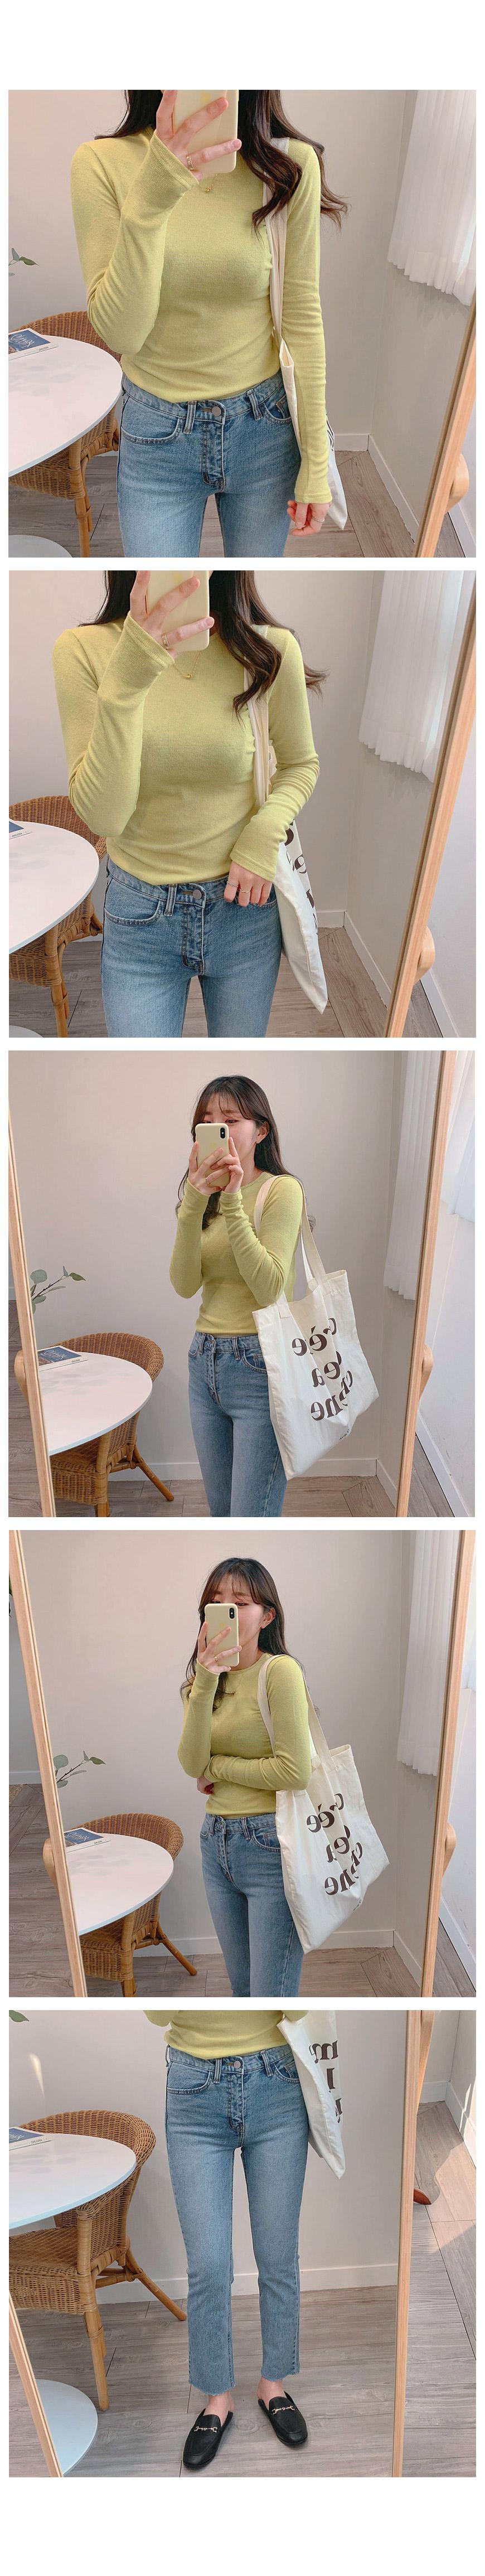 크림 에코 bag - 2color